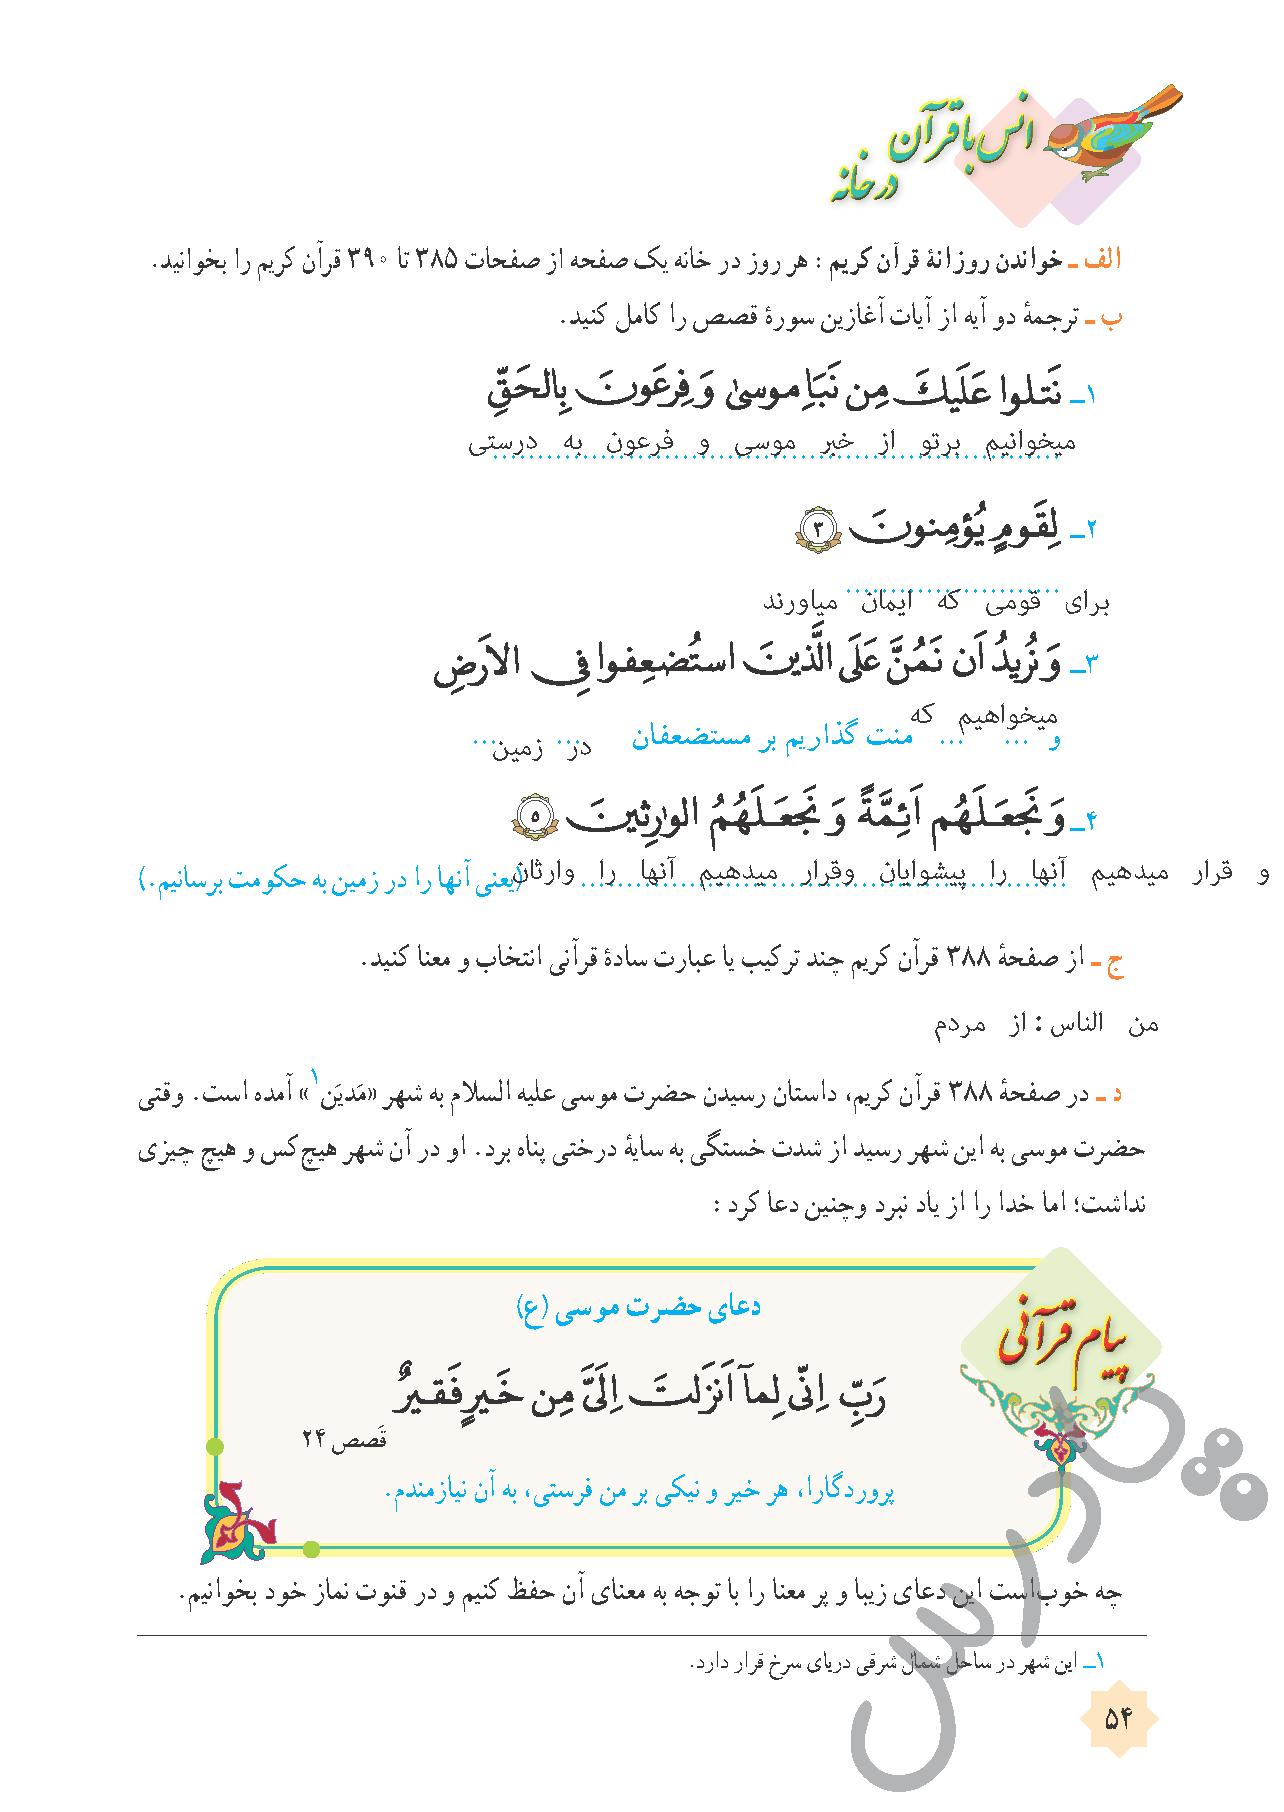 جواب انس با قرآن  درس 5 قرآن هشتم